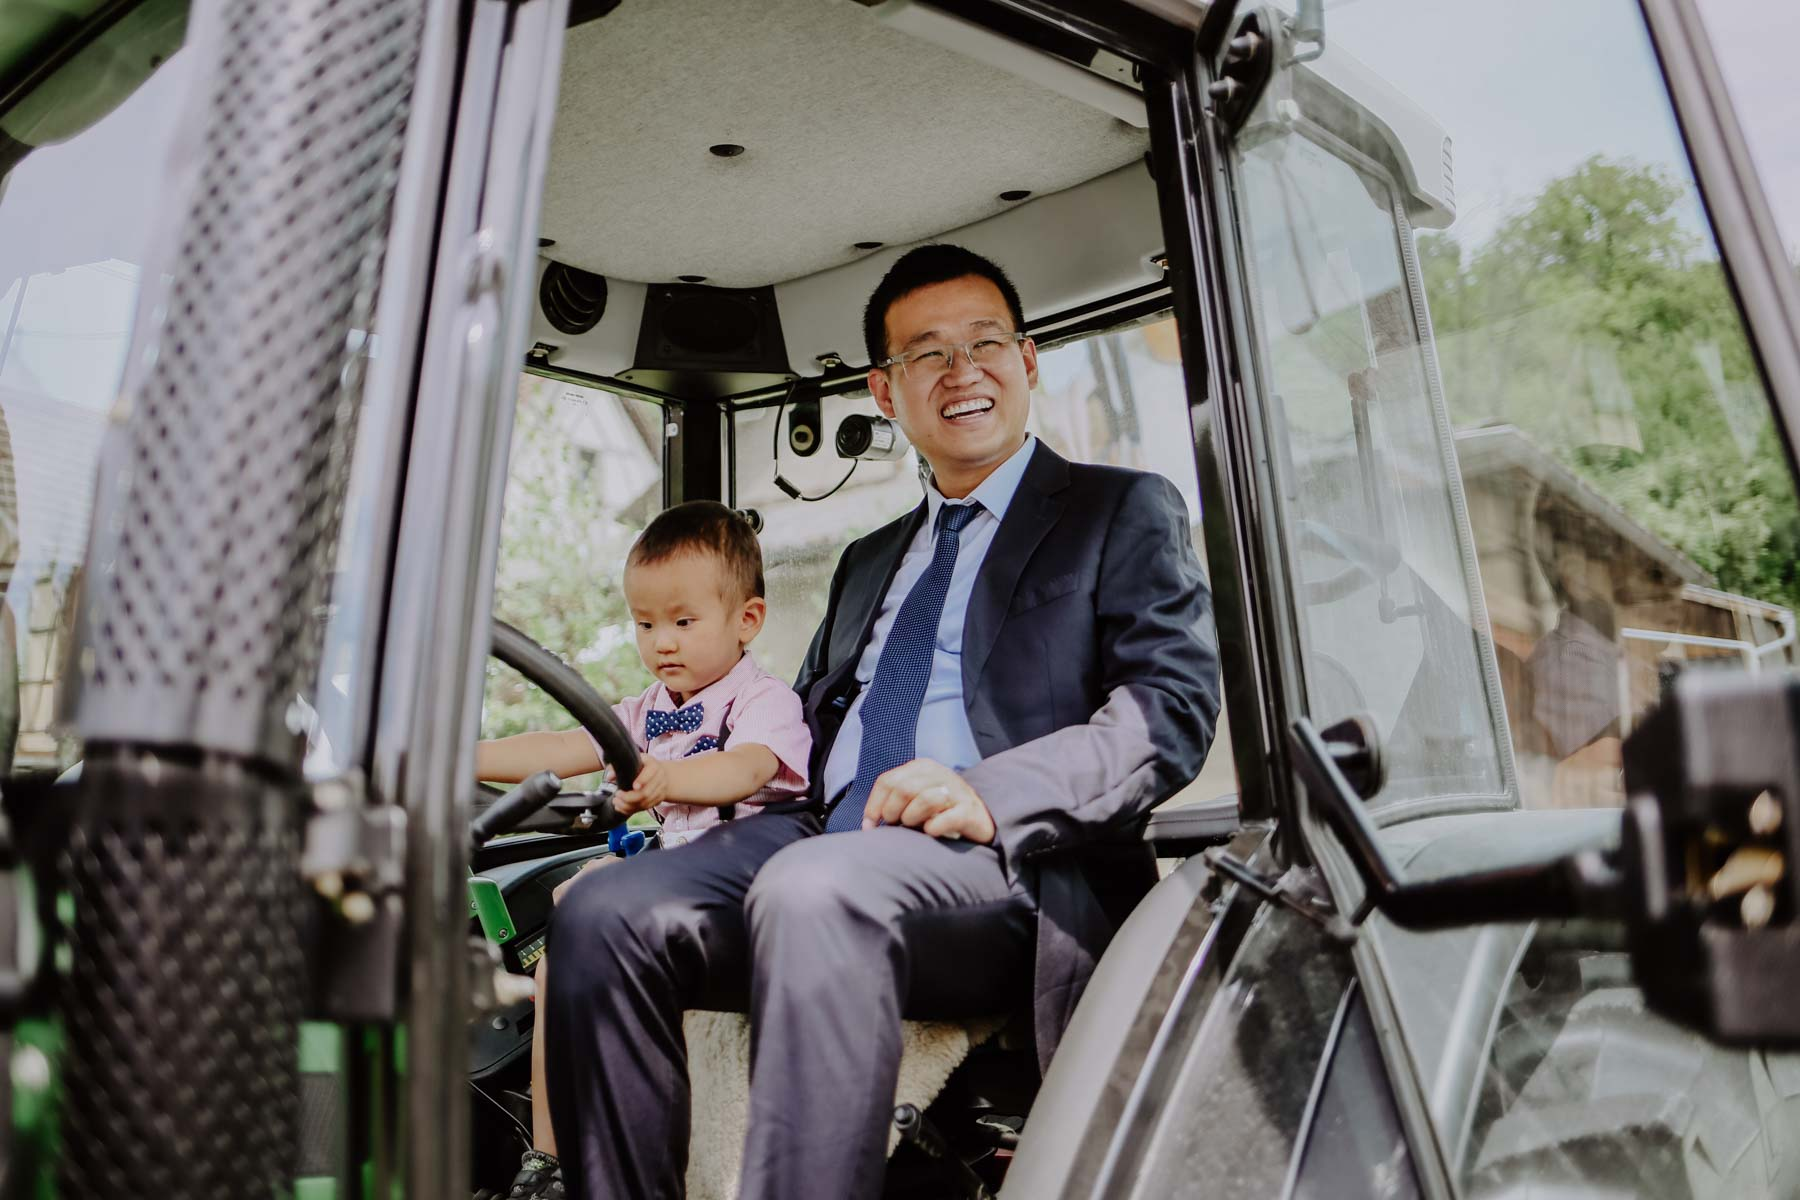 Mann mit Kind auf Traktor sitzend